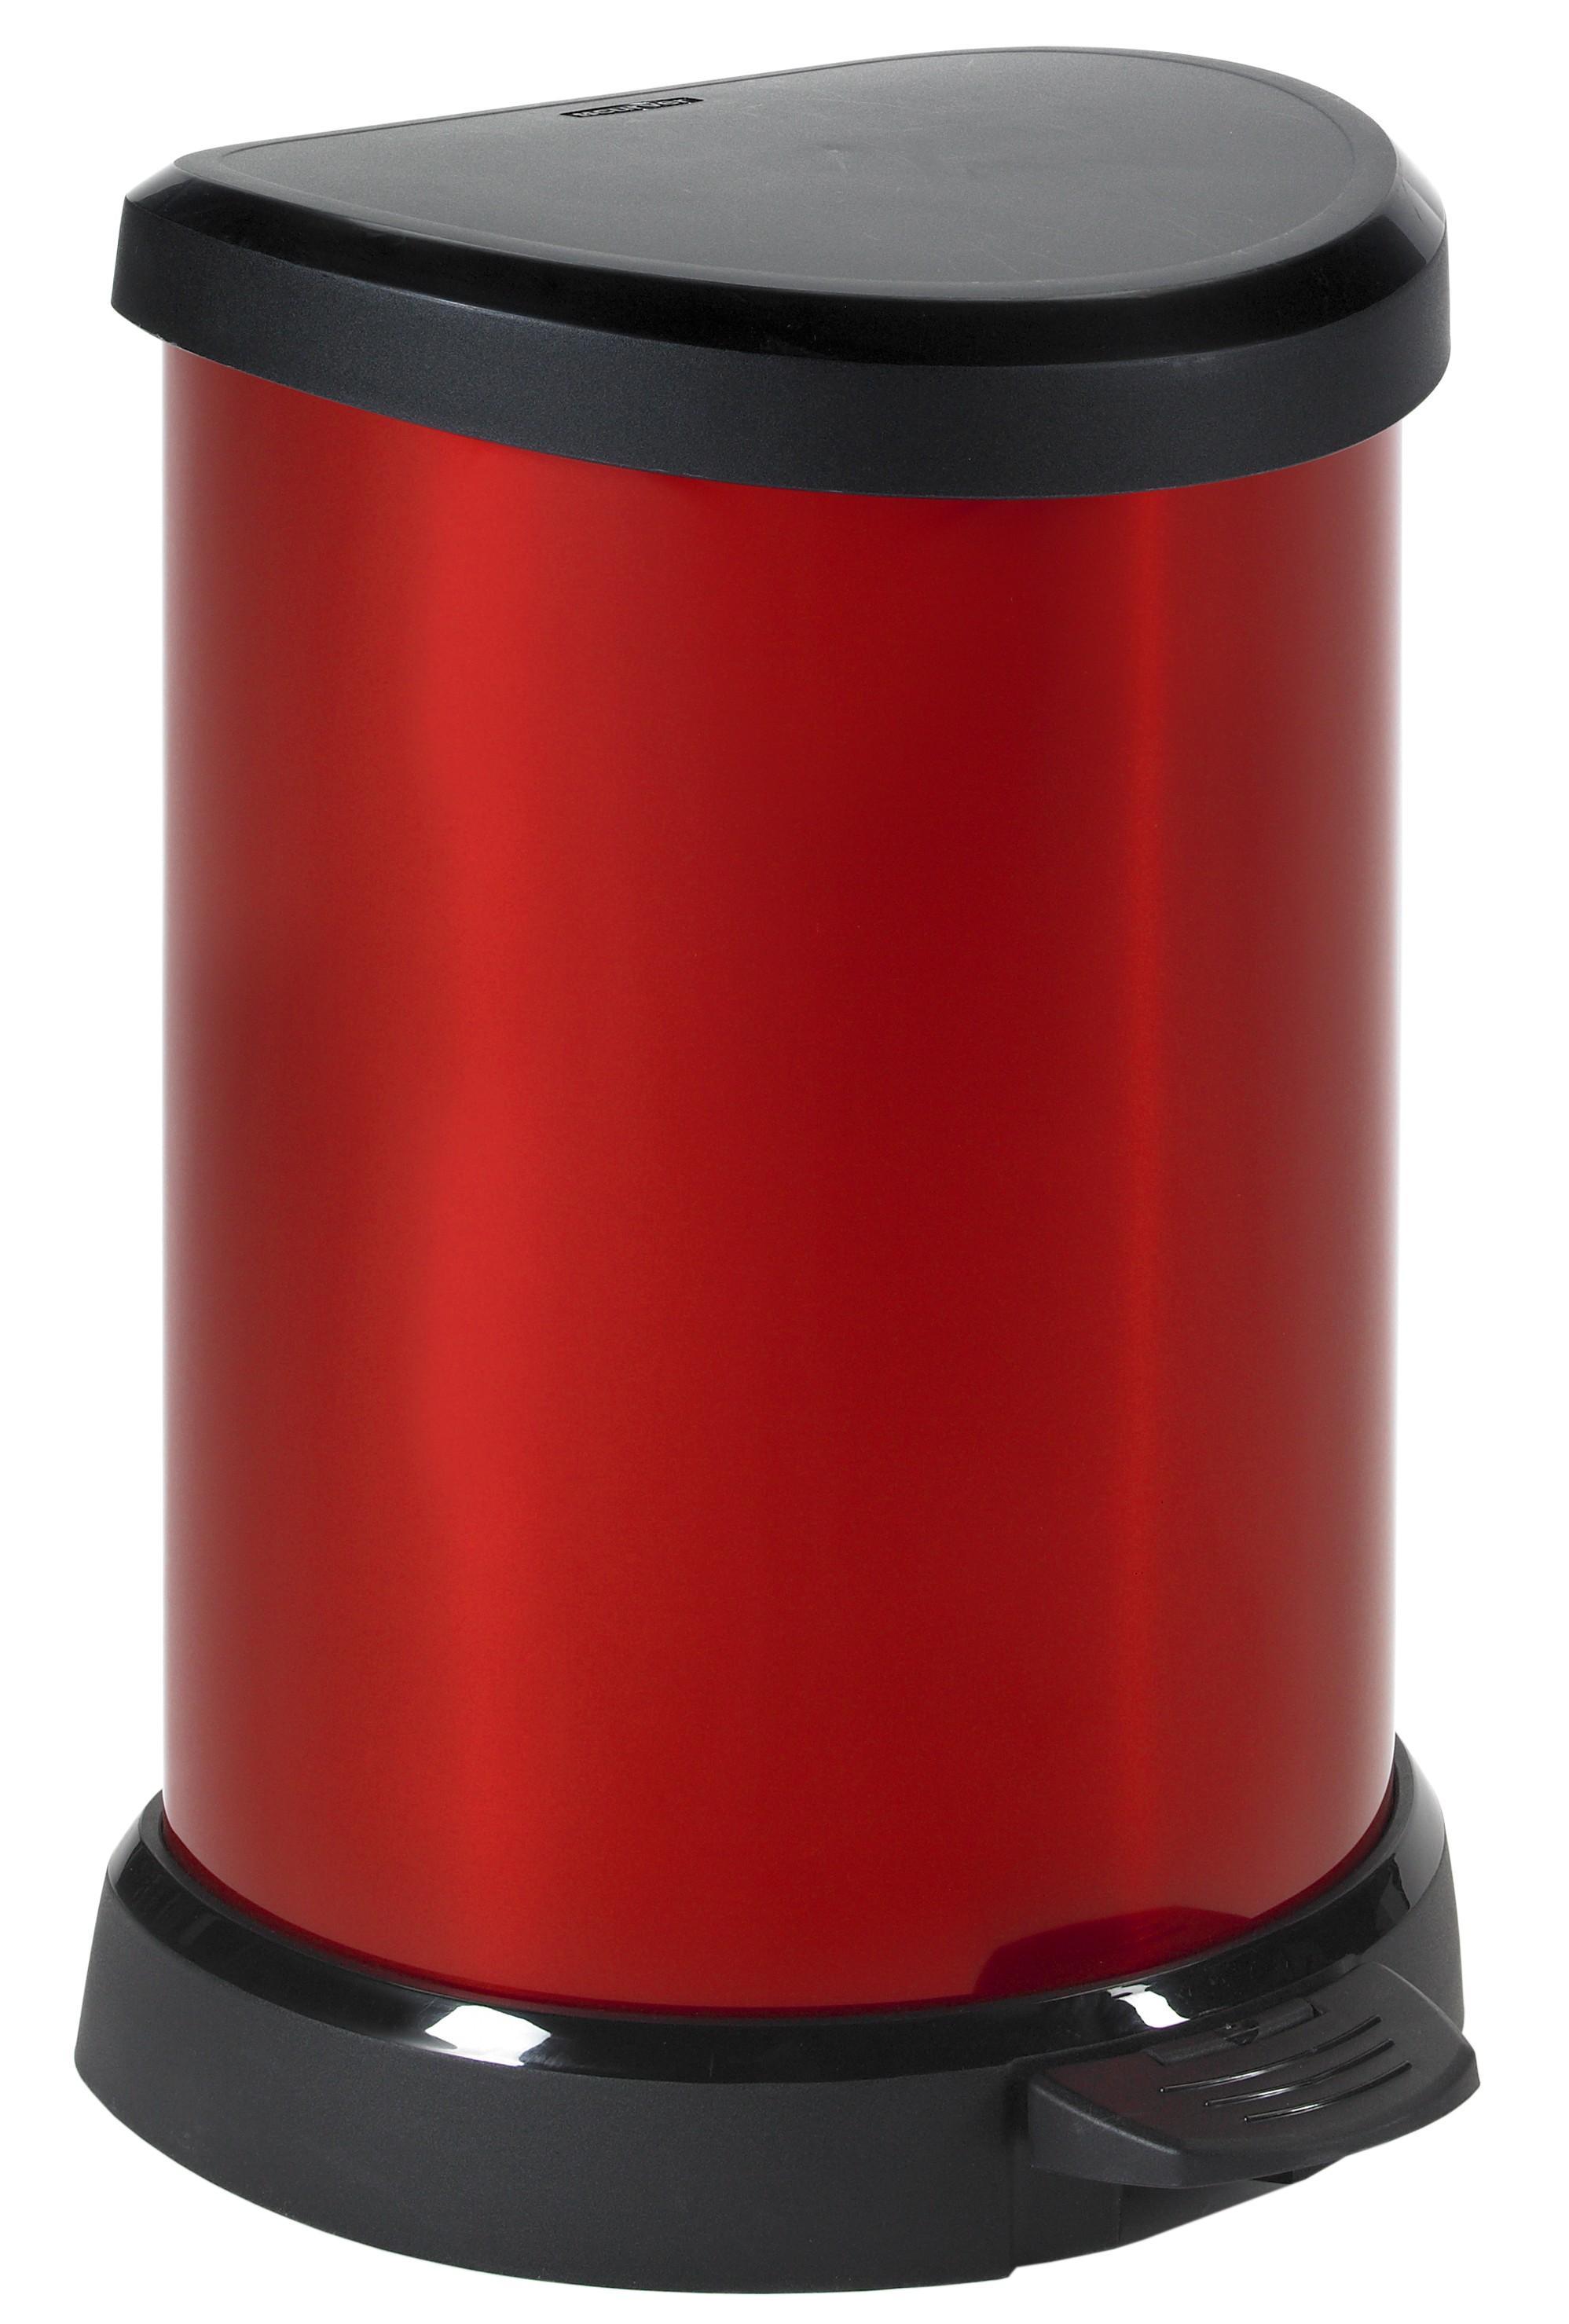 πεντάλ απορριμάτων curver 20lit πλαστικό κόκκινο home   αξεσουαρ κουζινας   δοχεία απορριμάτων